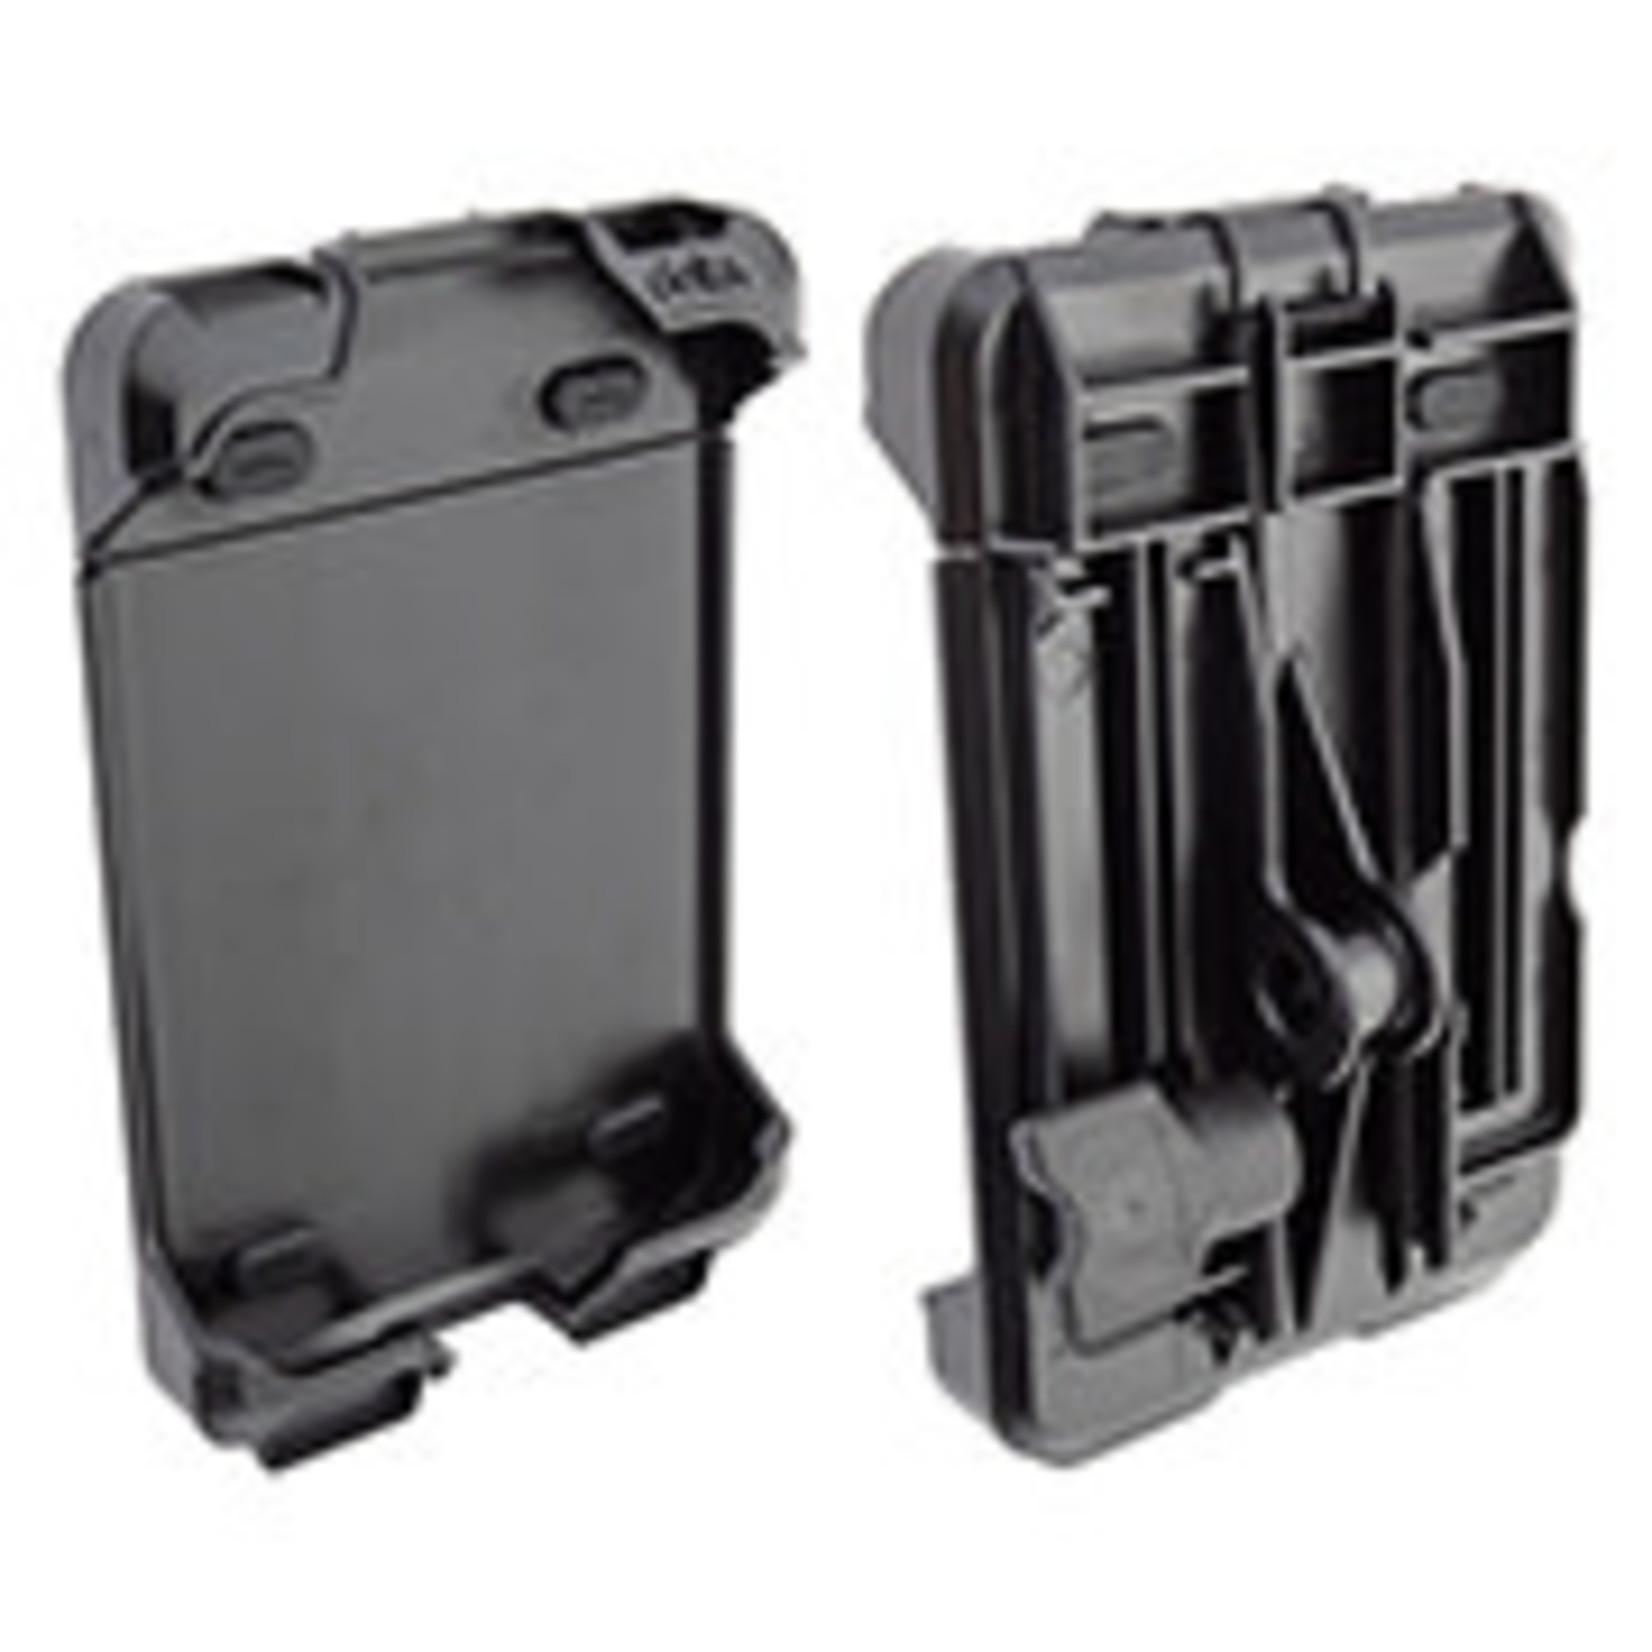 Handlebar Mount Delta Smart Phone Holder Caddy Xl Black HL6500